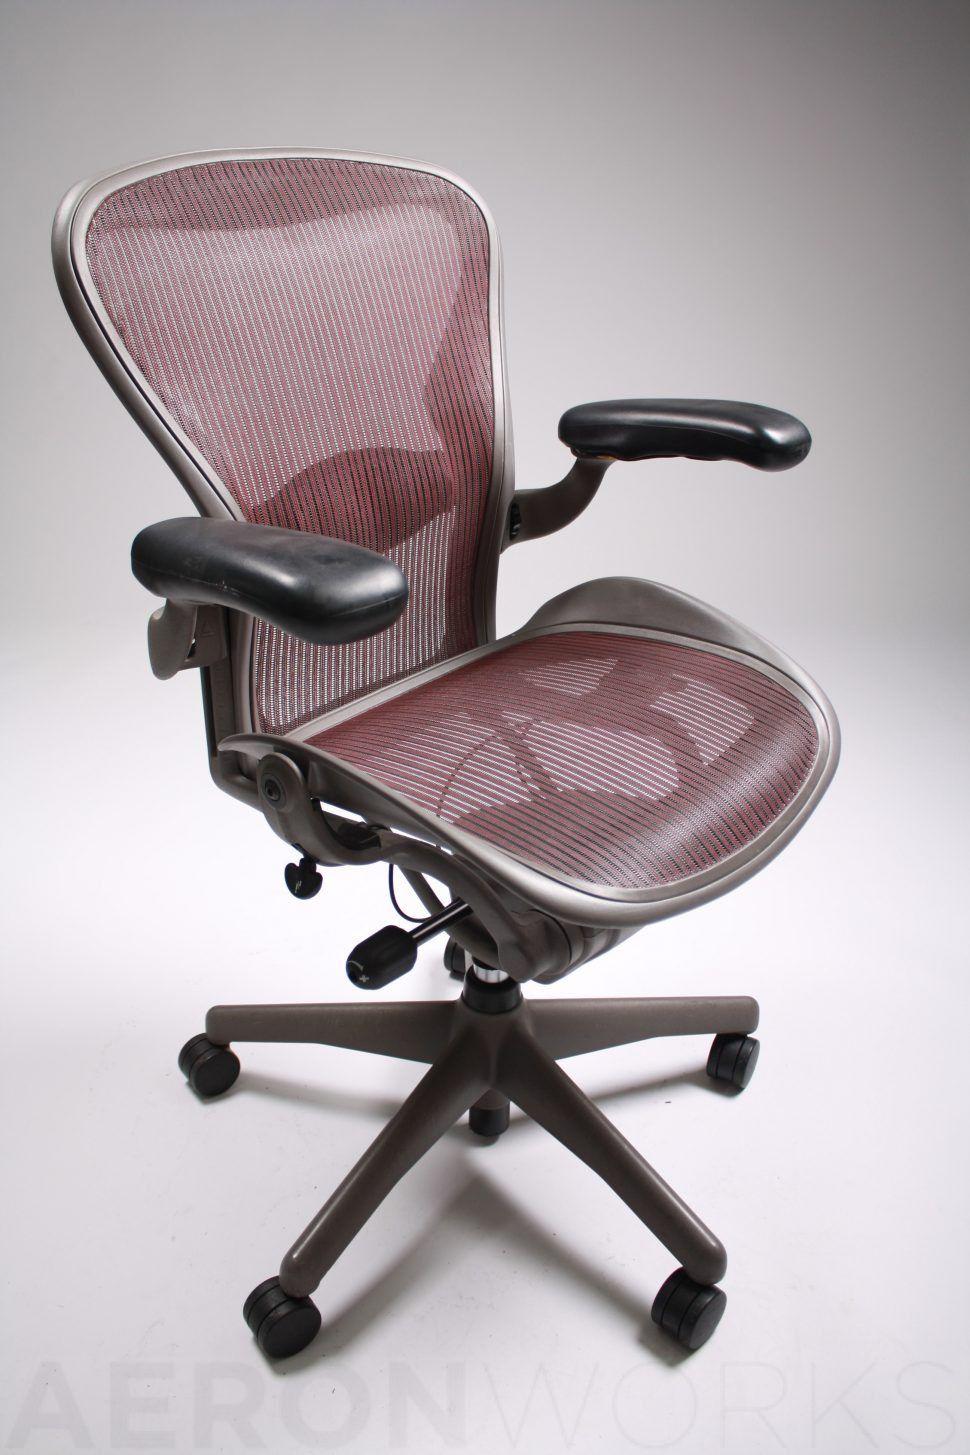 new aeron chair adjustments